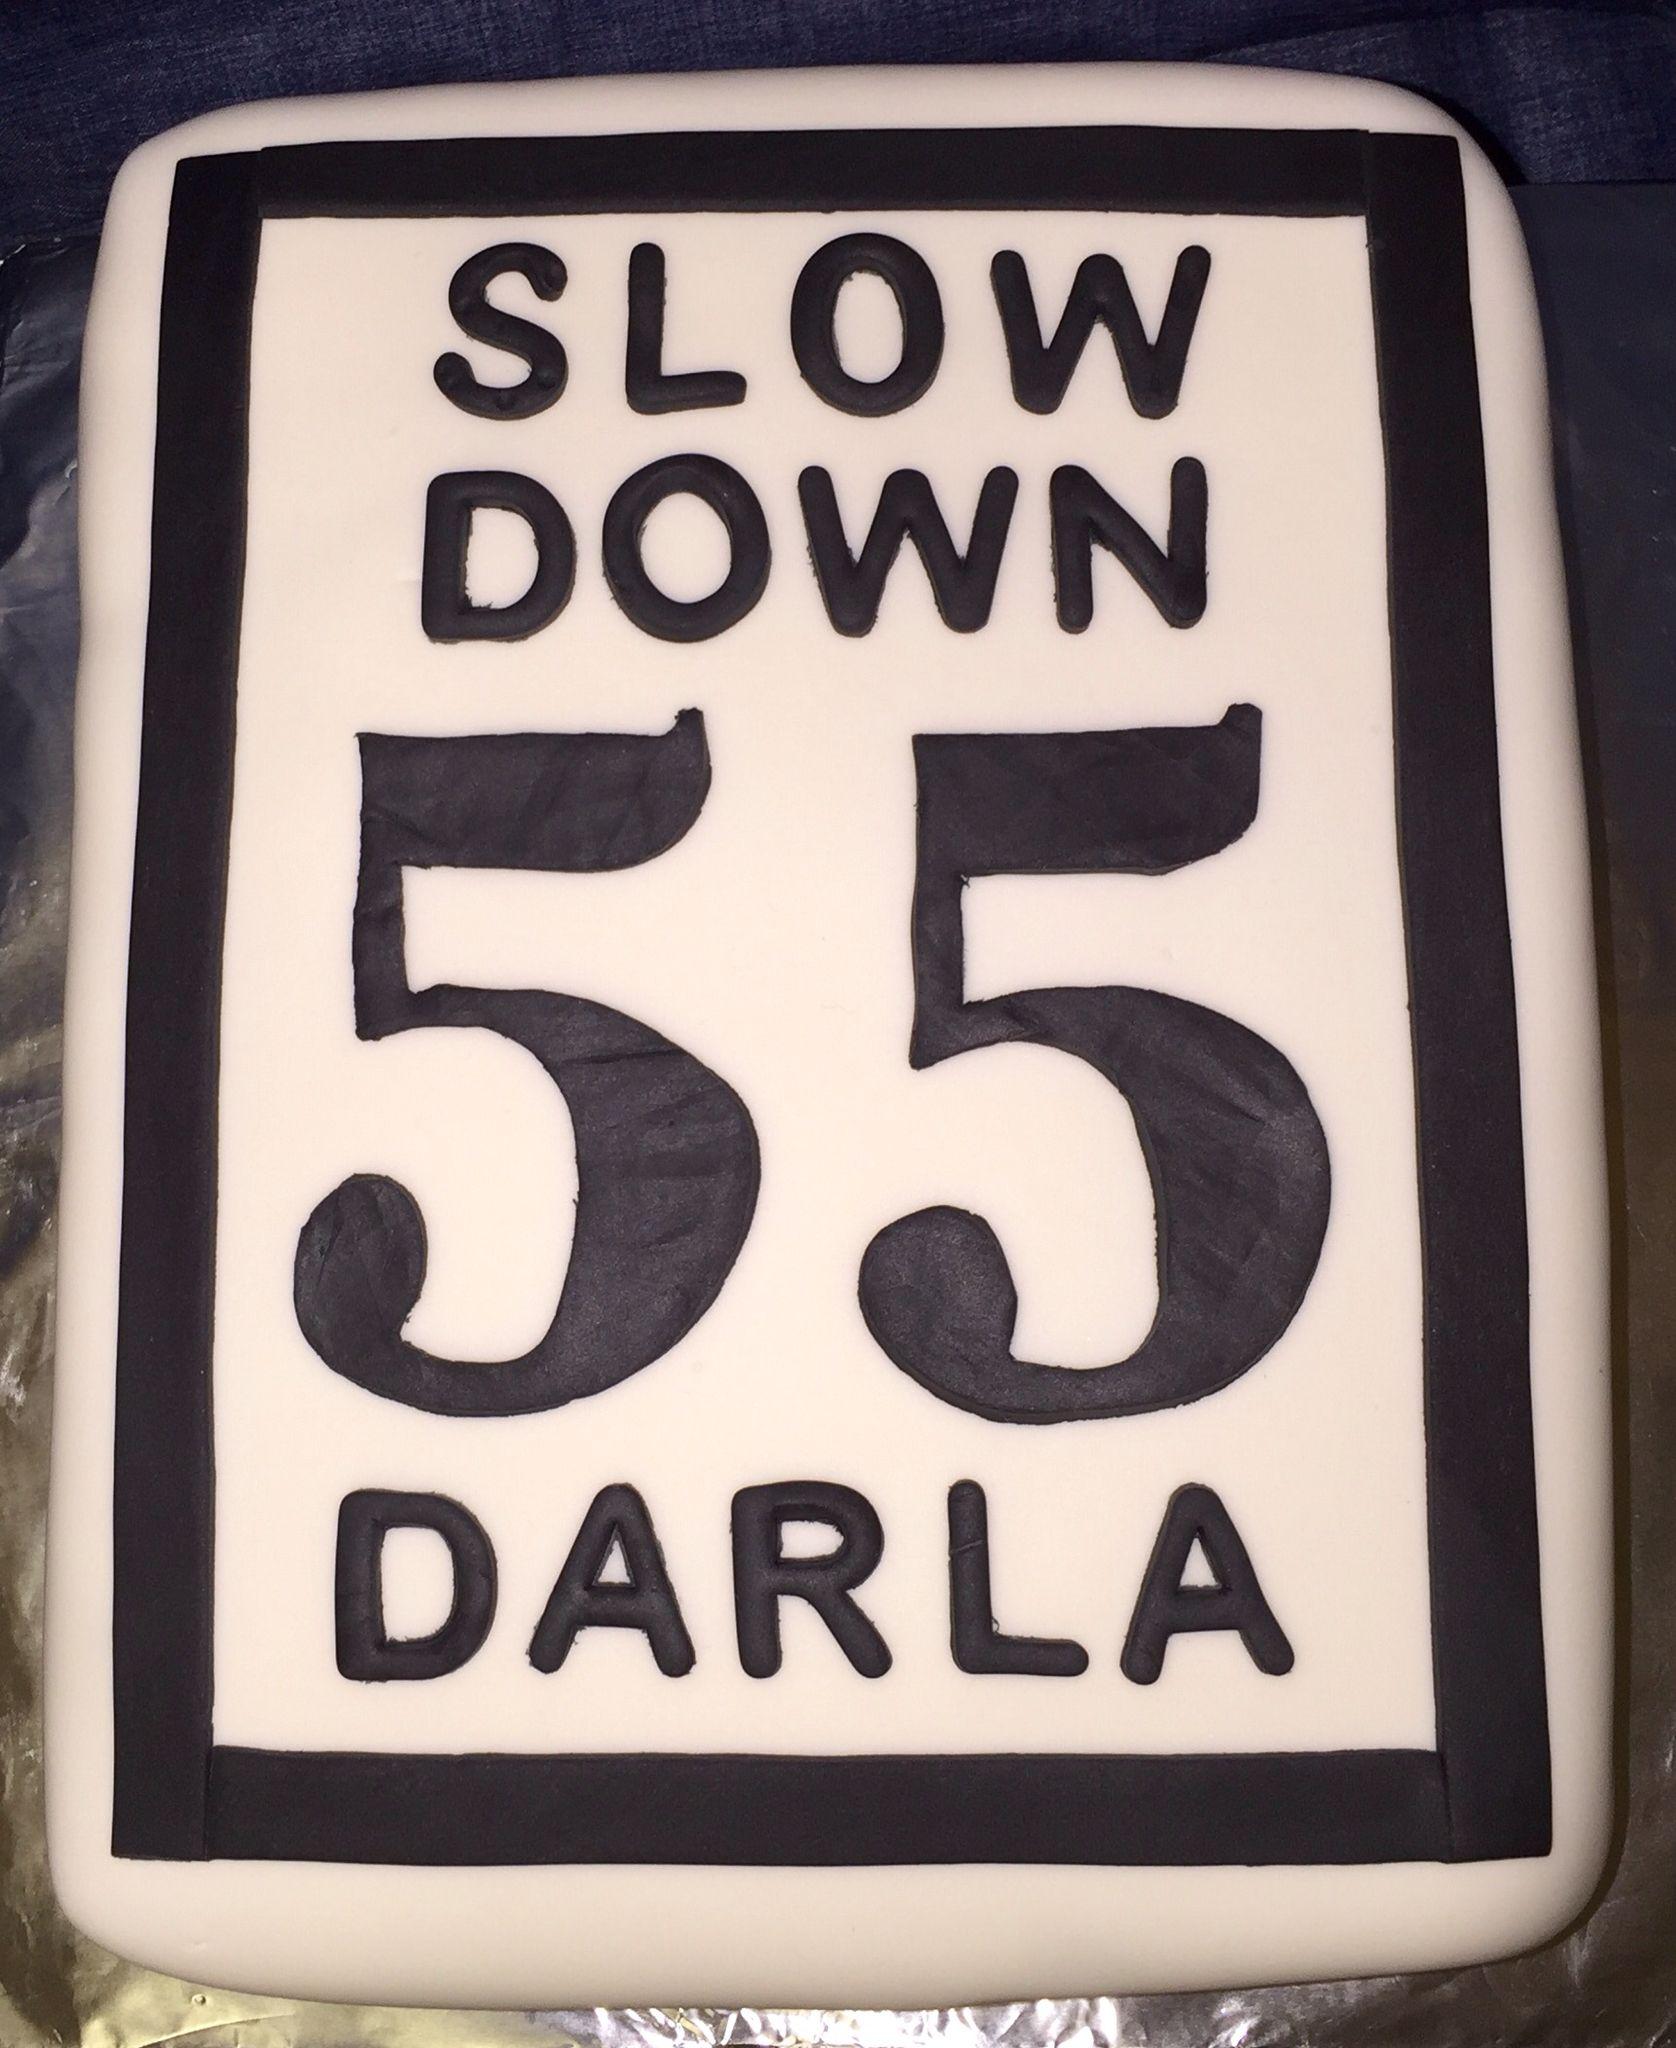 55th Birthday Cake 55thbirthday Doublenickles Speedlimitcake